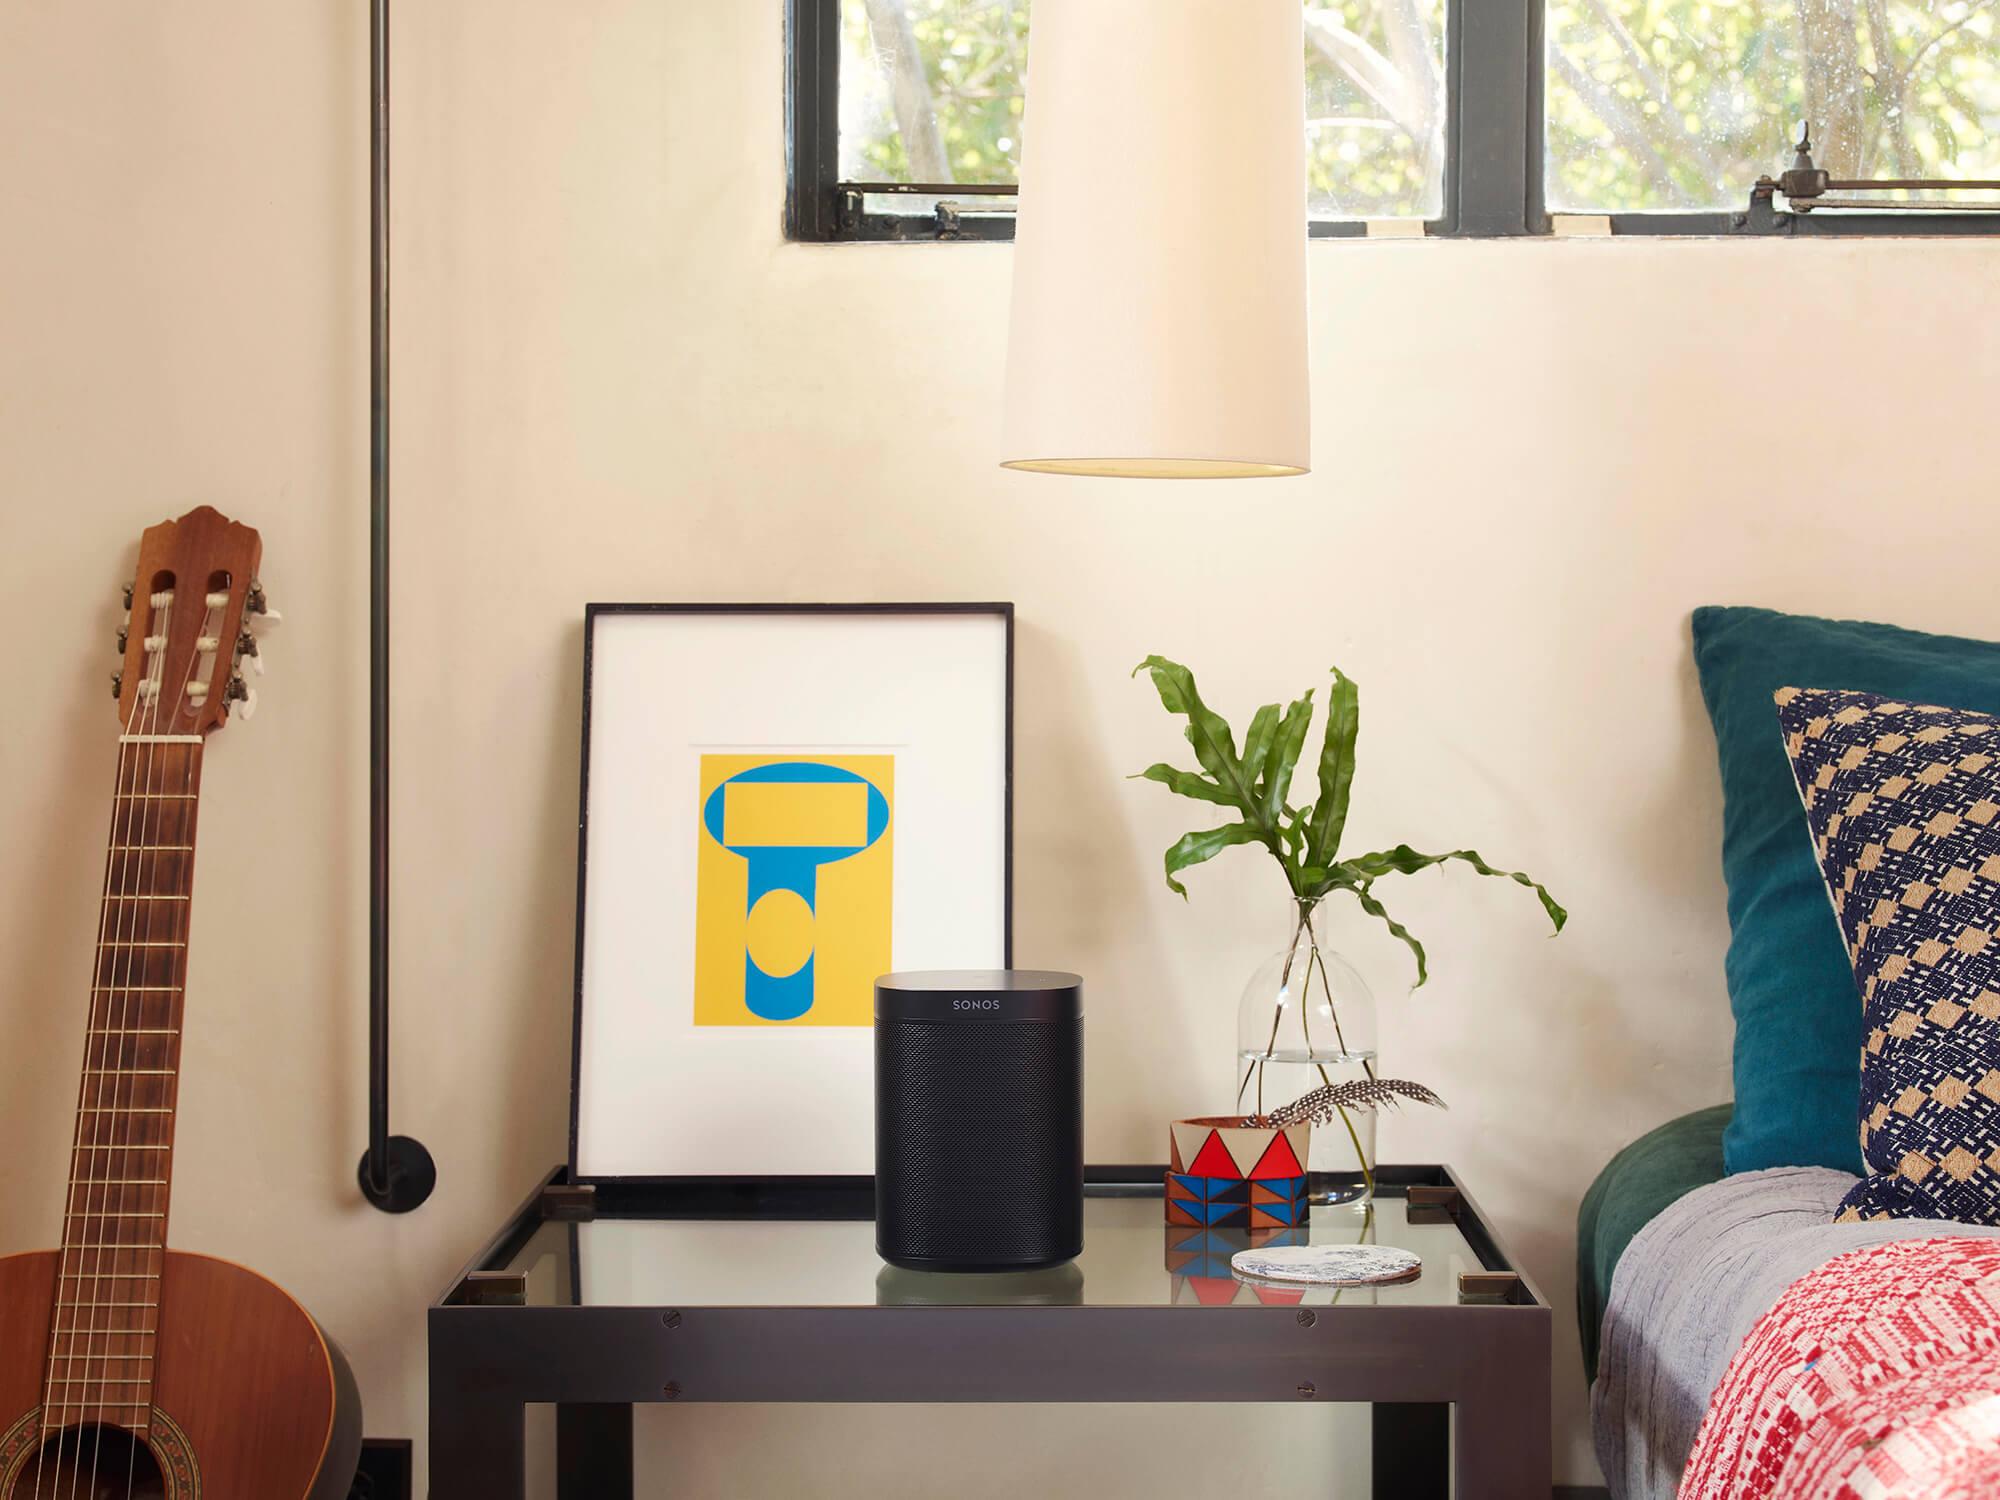 Czarny głośnik Sonos na stoliku